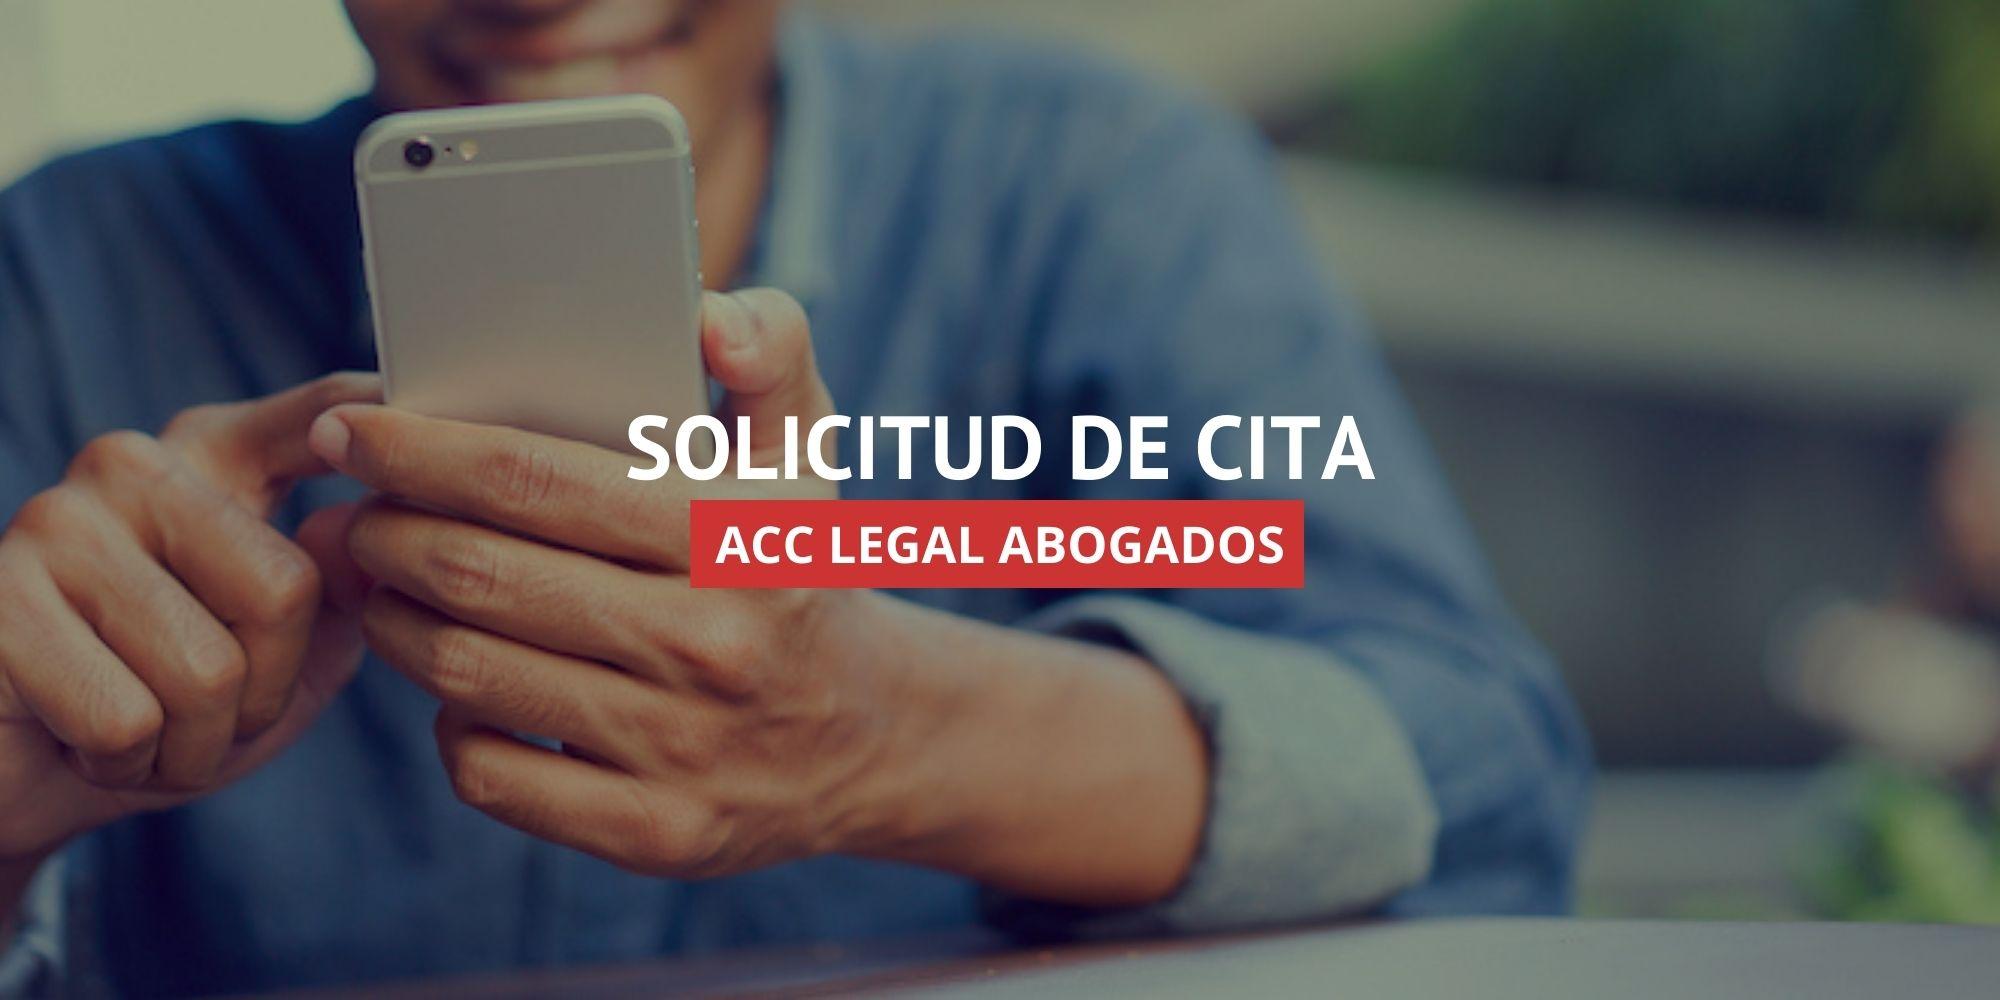 Abogados en Murcia - Solicitud de Cita | ACC LEGAL ABOGADOS